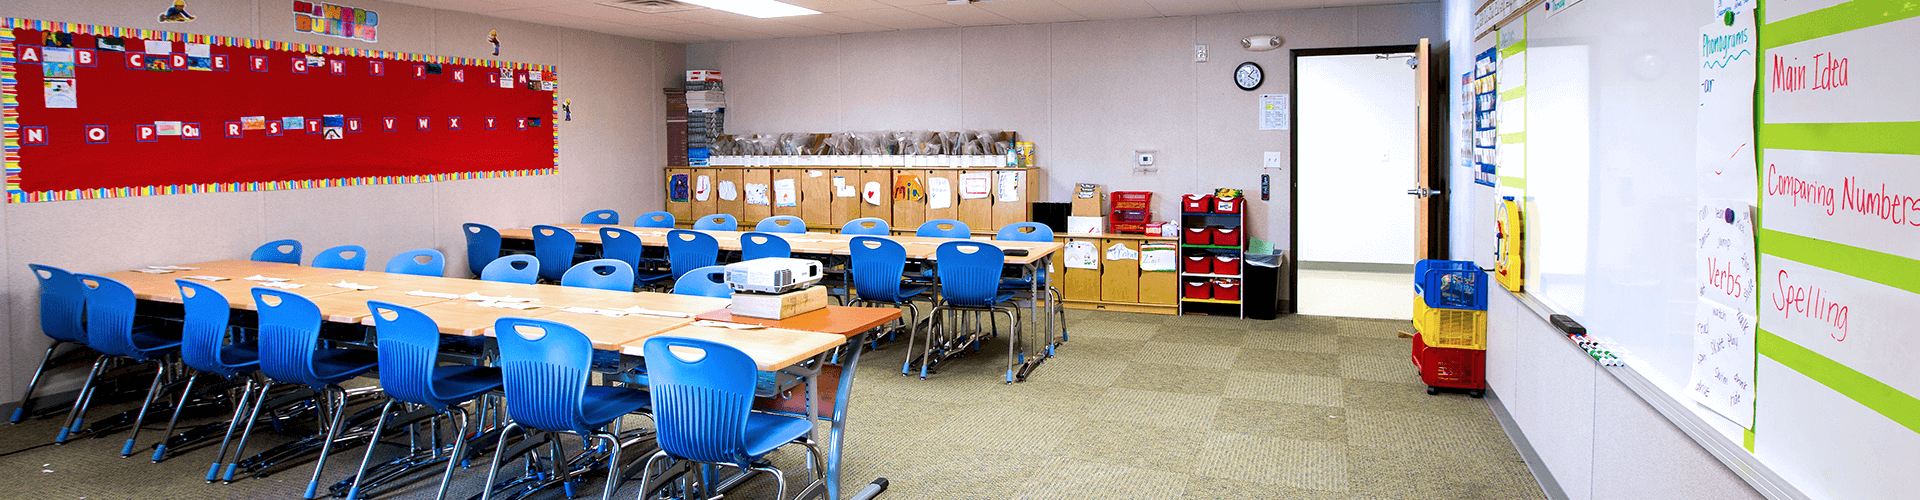 Cho thuê phòng dạy học quận 5 theo giờ